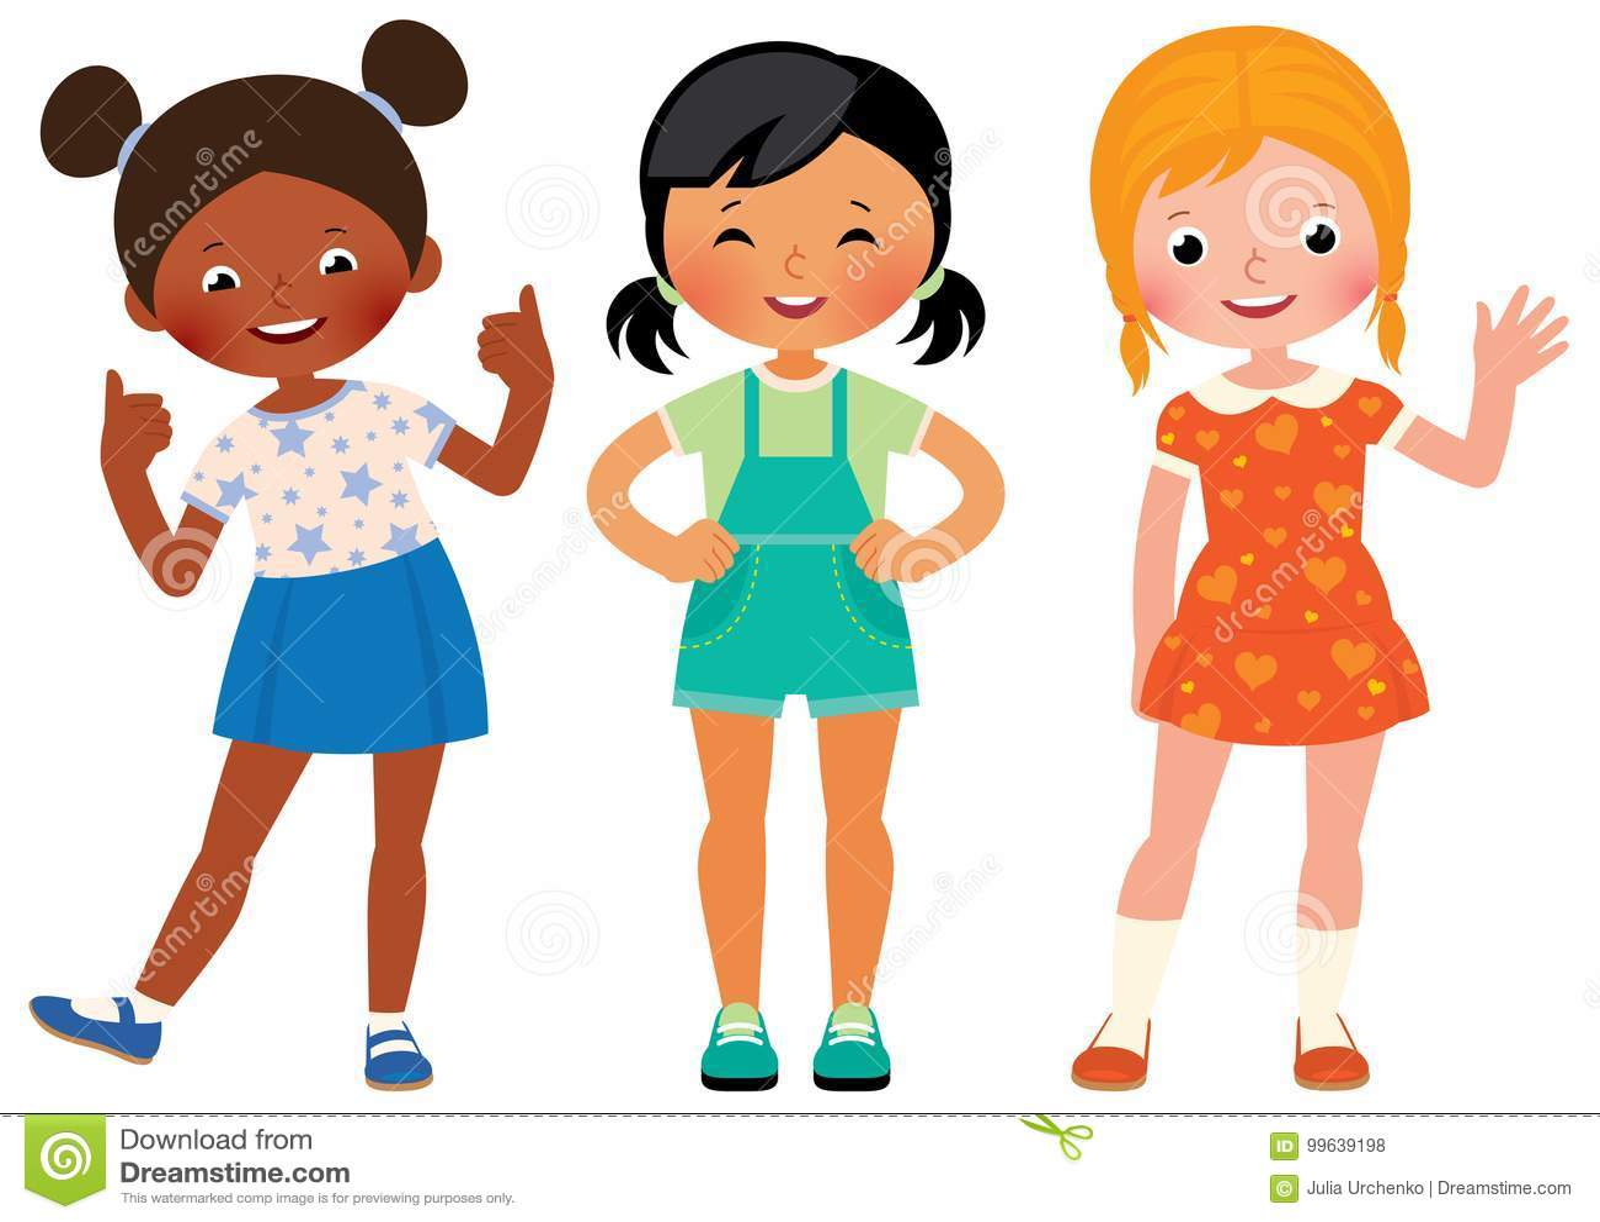 Meninos E Meninas De Nacionalidades Diferentes Childre: Agrupe Três Amigas Das Crianças De Nacionalidades